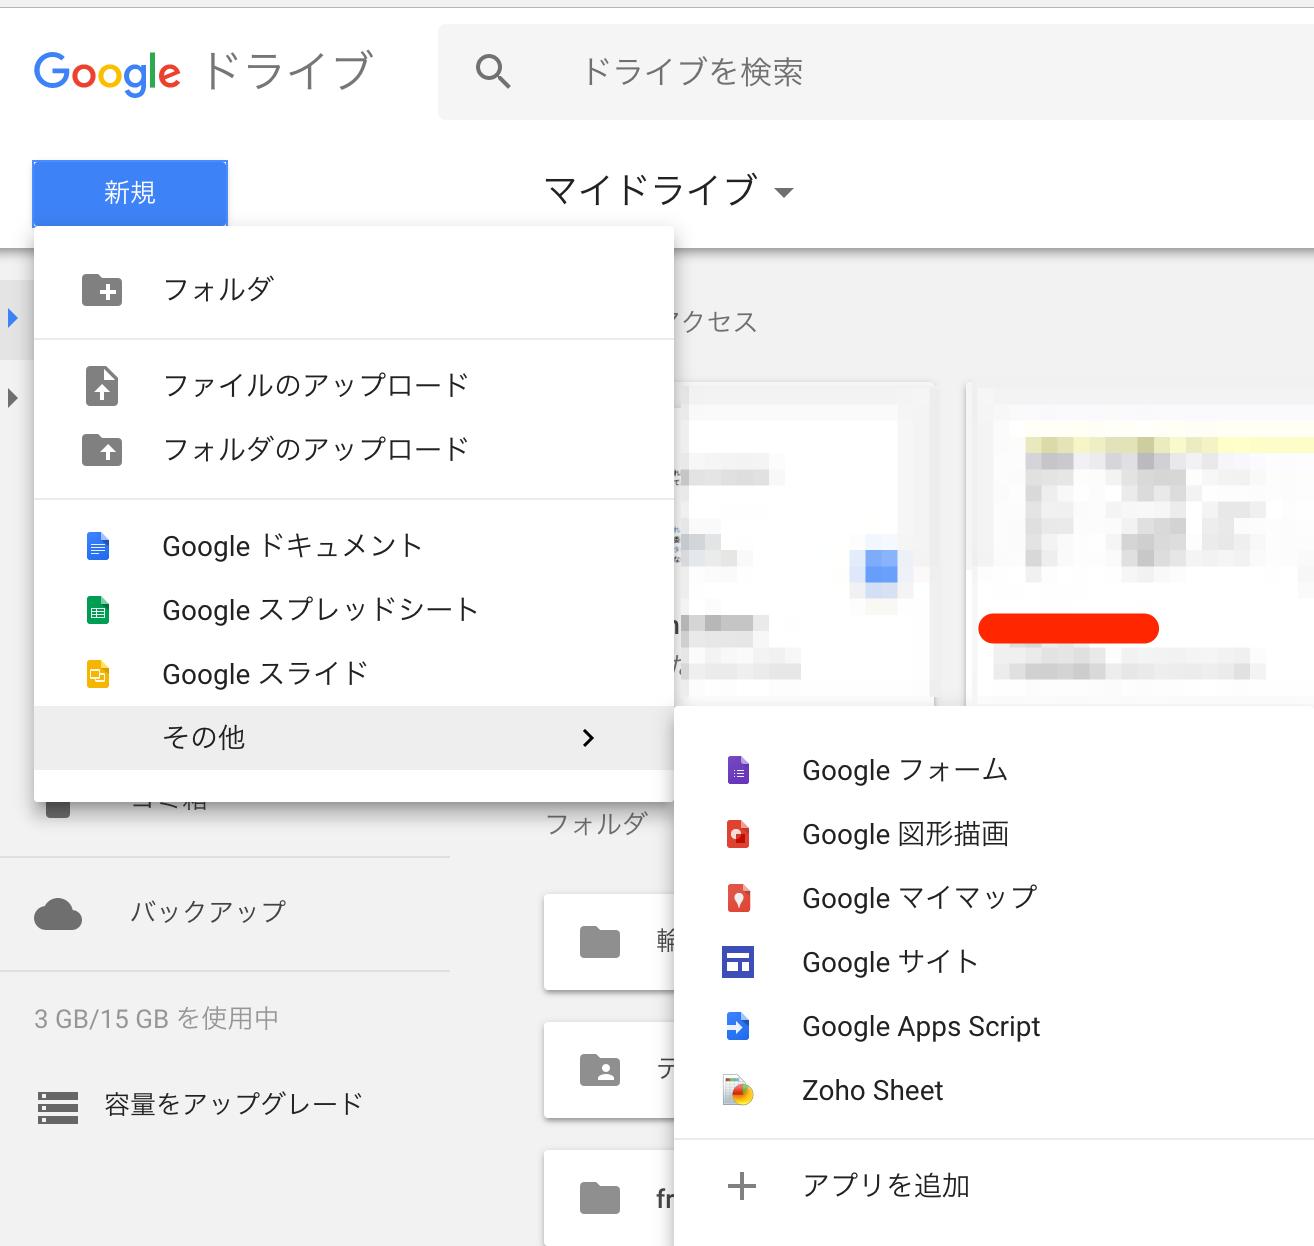 マイドライブ_-_Google_ドライブ.png